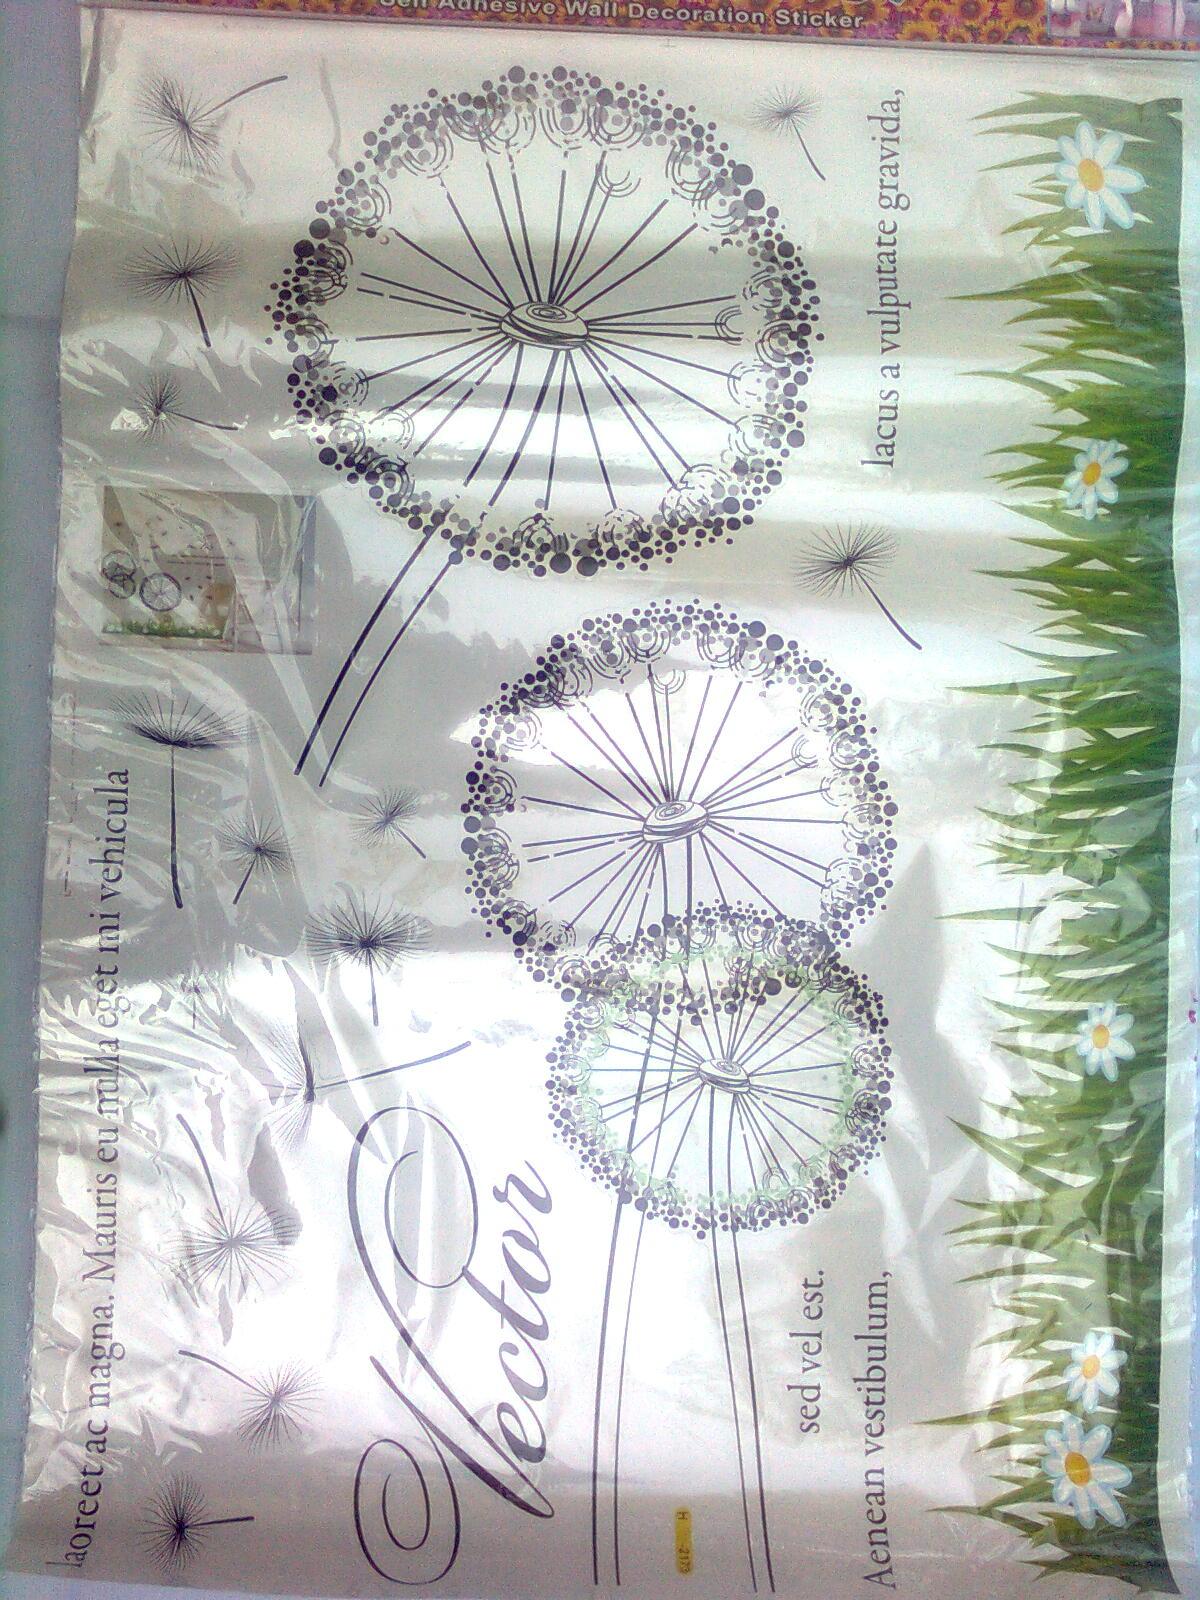 Macam Stiker Dinding Elegant 50x70 Cm Saparatos Wall Sticker Kode 05 Kalau Disusun